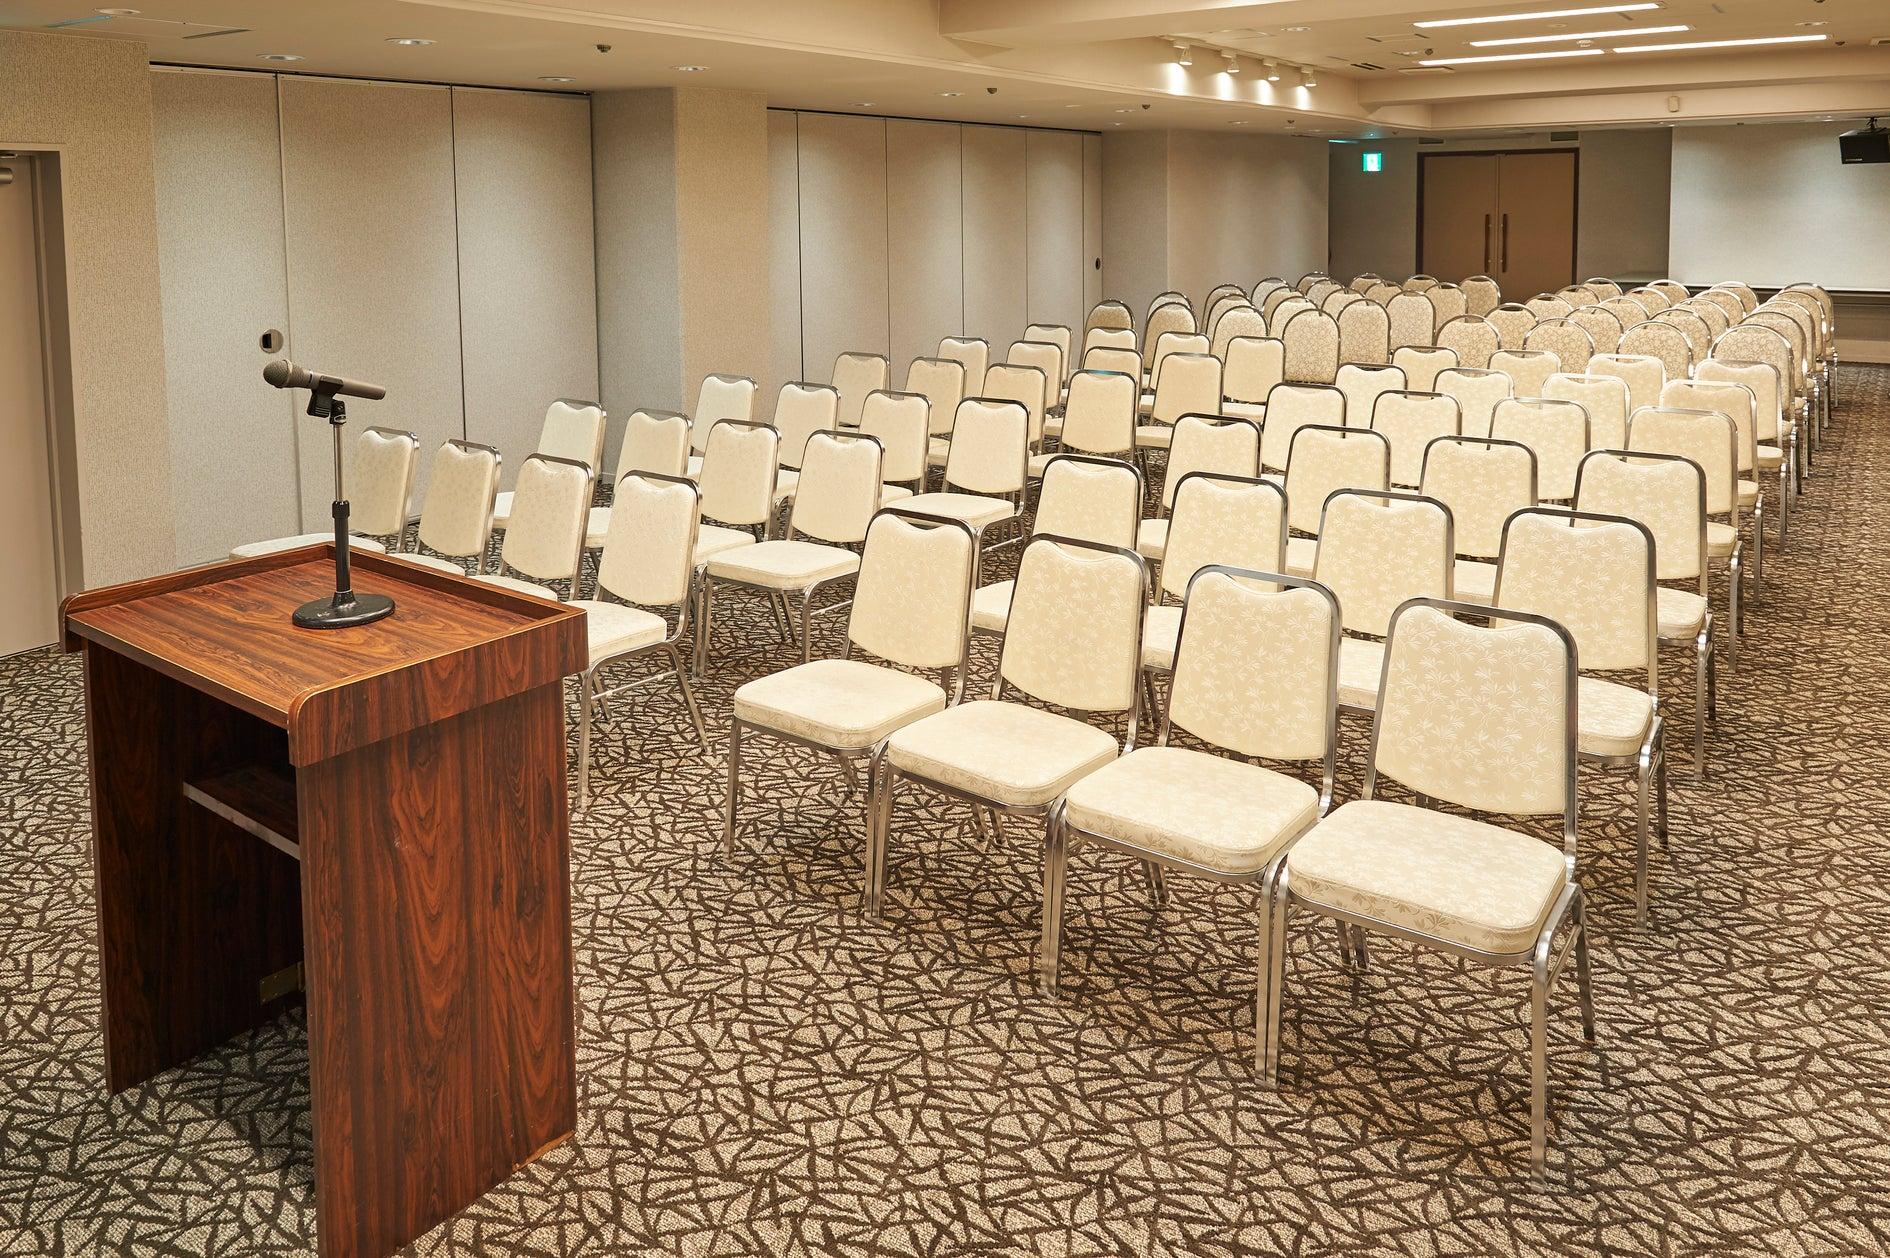 【新大阪から1駅・駅目の前】ホテルコンソルト146㎡会議室<40名~120名>低予算でワンランクUP☆☆☆